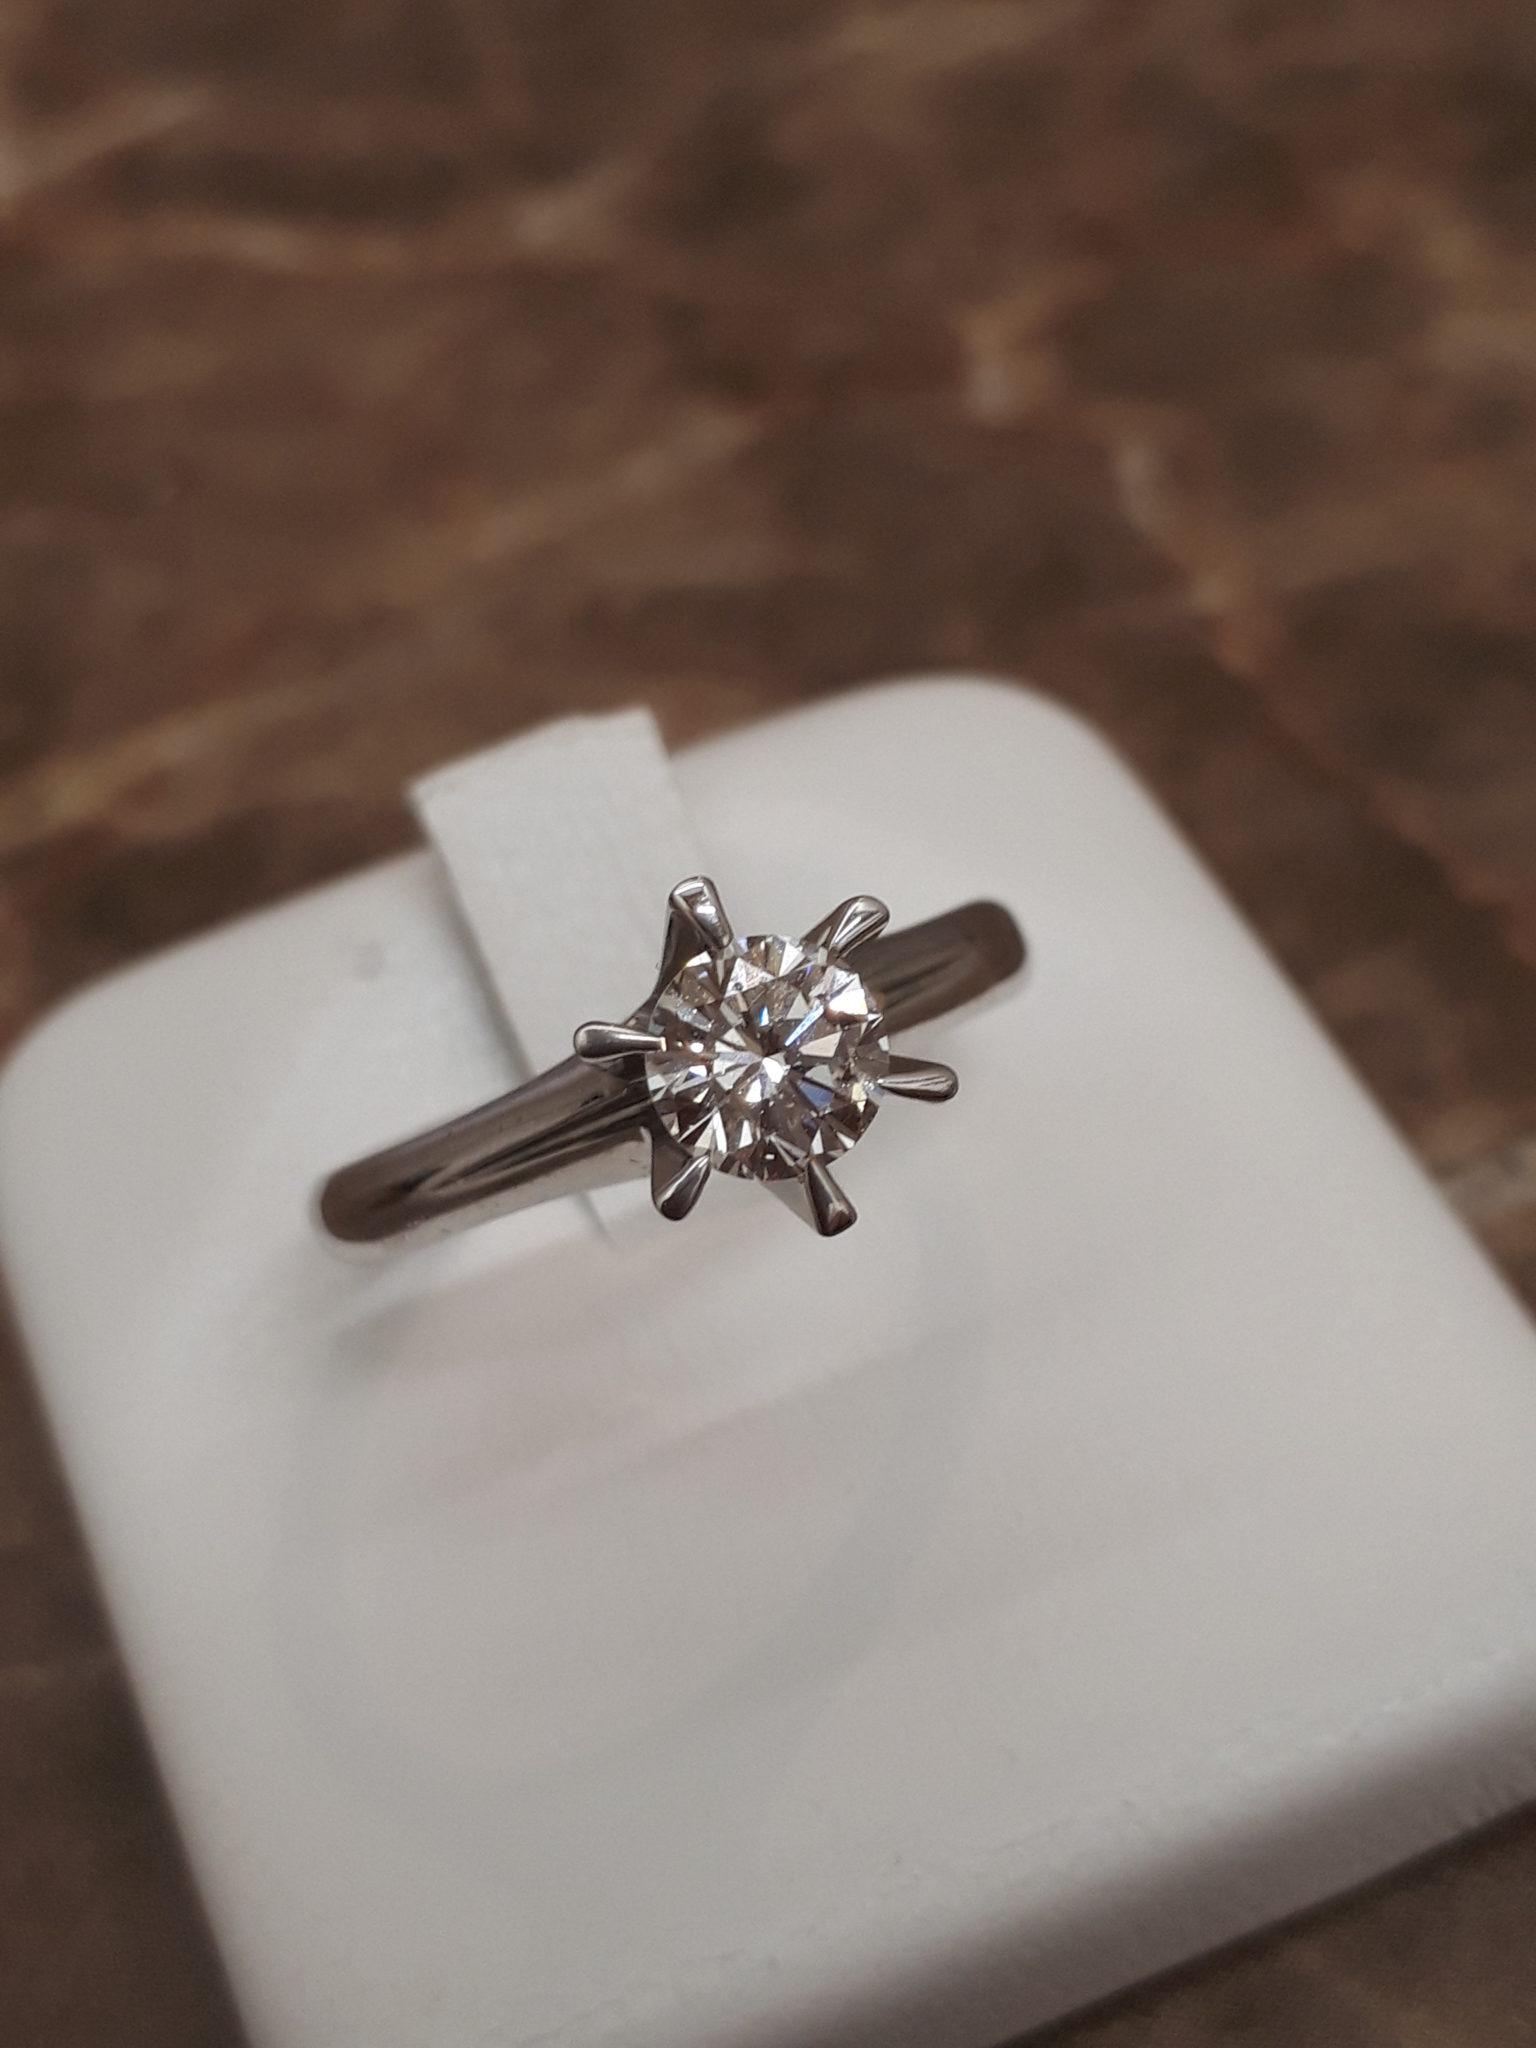 【ダイヤモンド プラチナリング】を盛岡市のお客様より買取させていただきました!